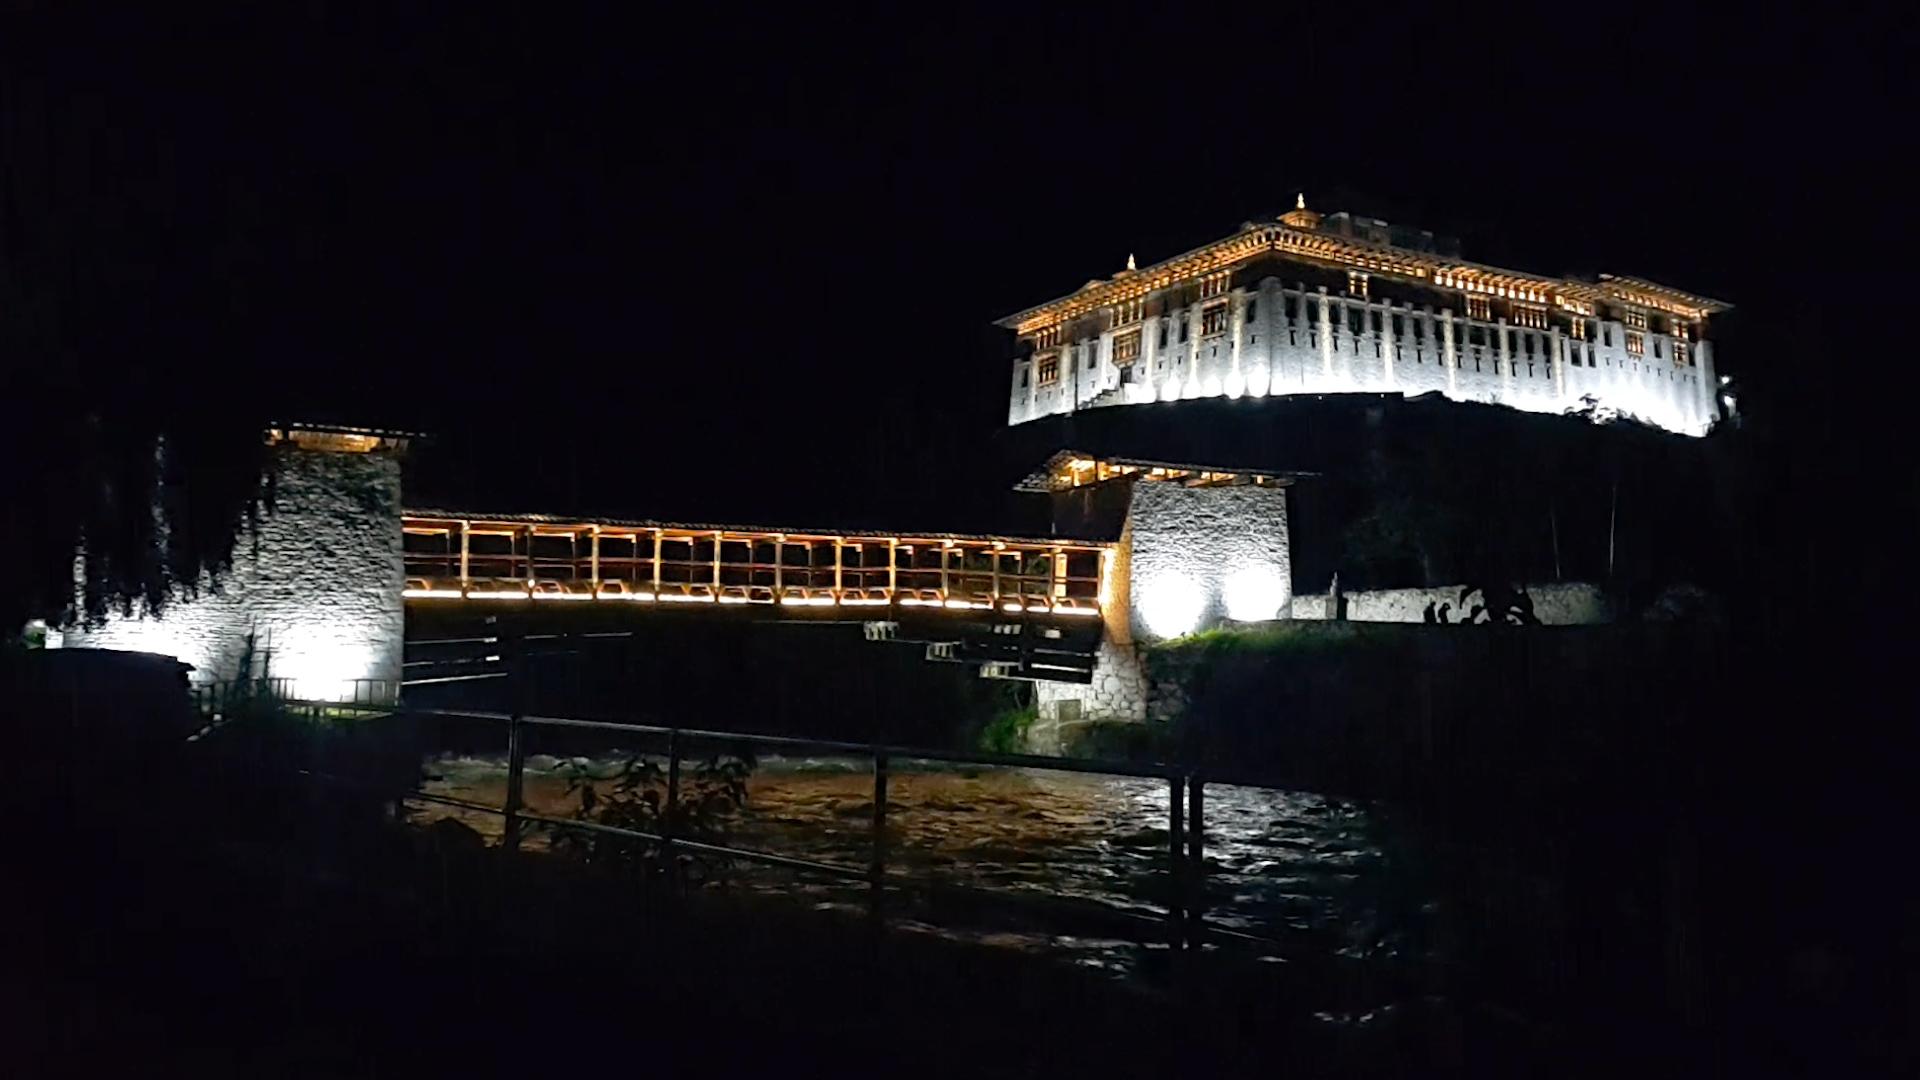 부탄의 행복은 어디서 왔을까 _ 파로종 야경 (1).jpg